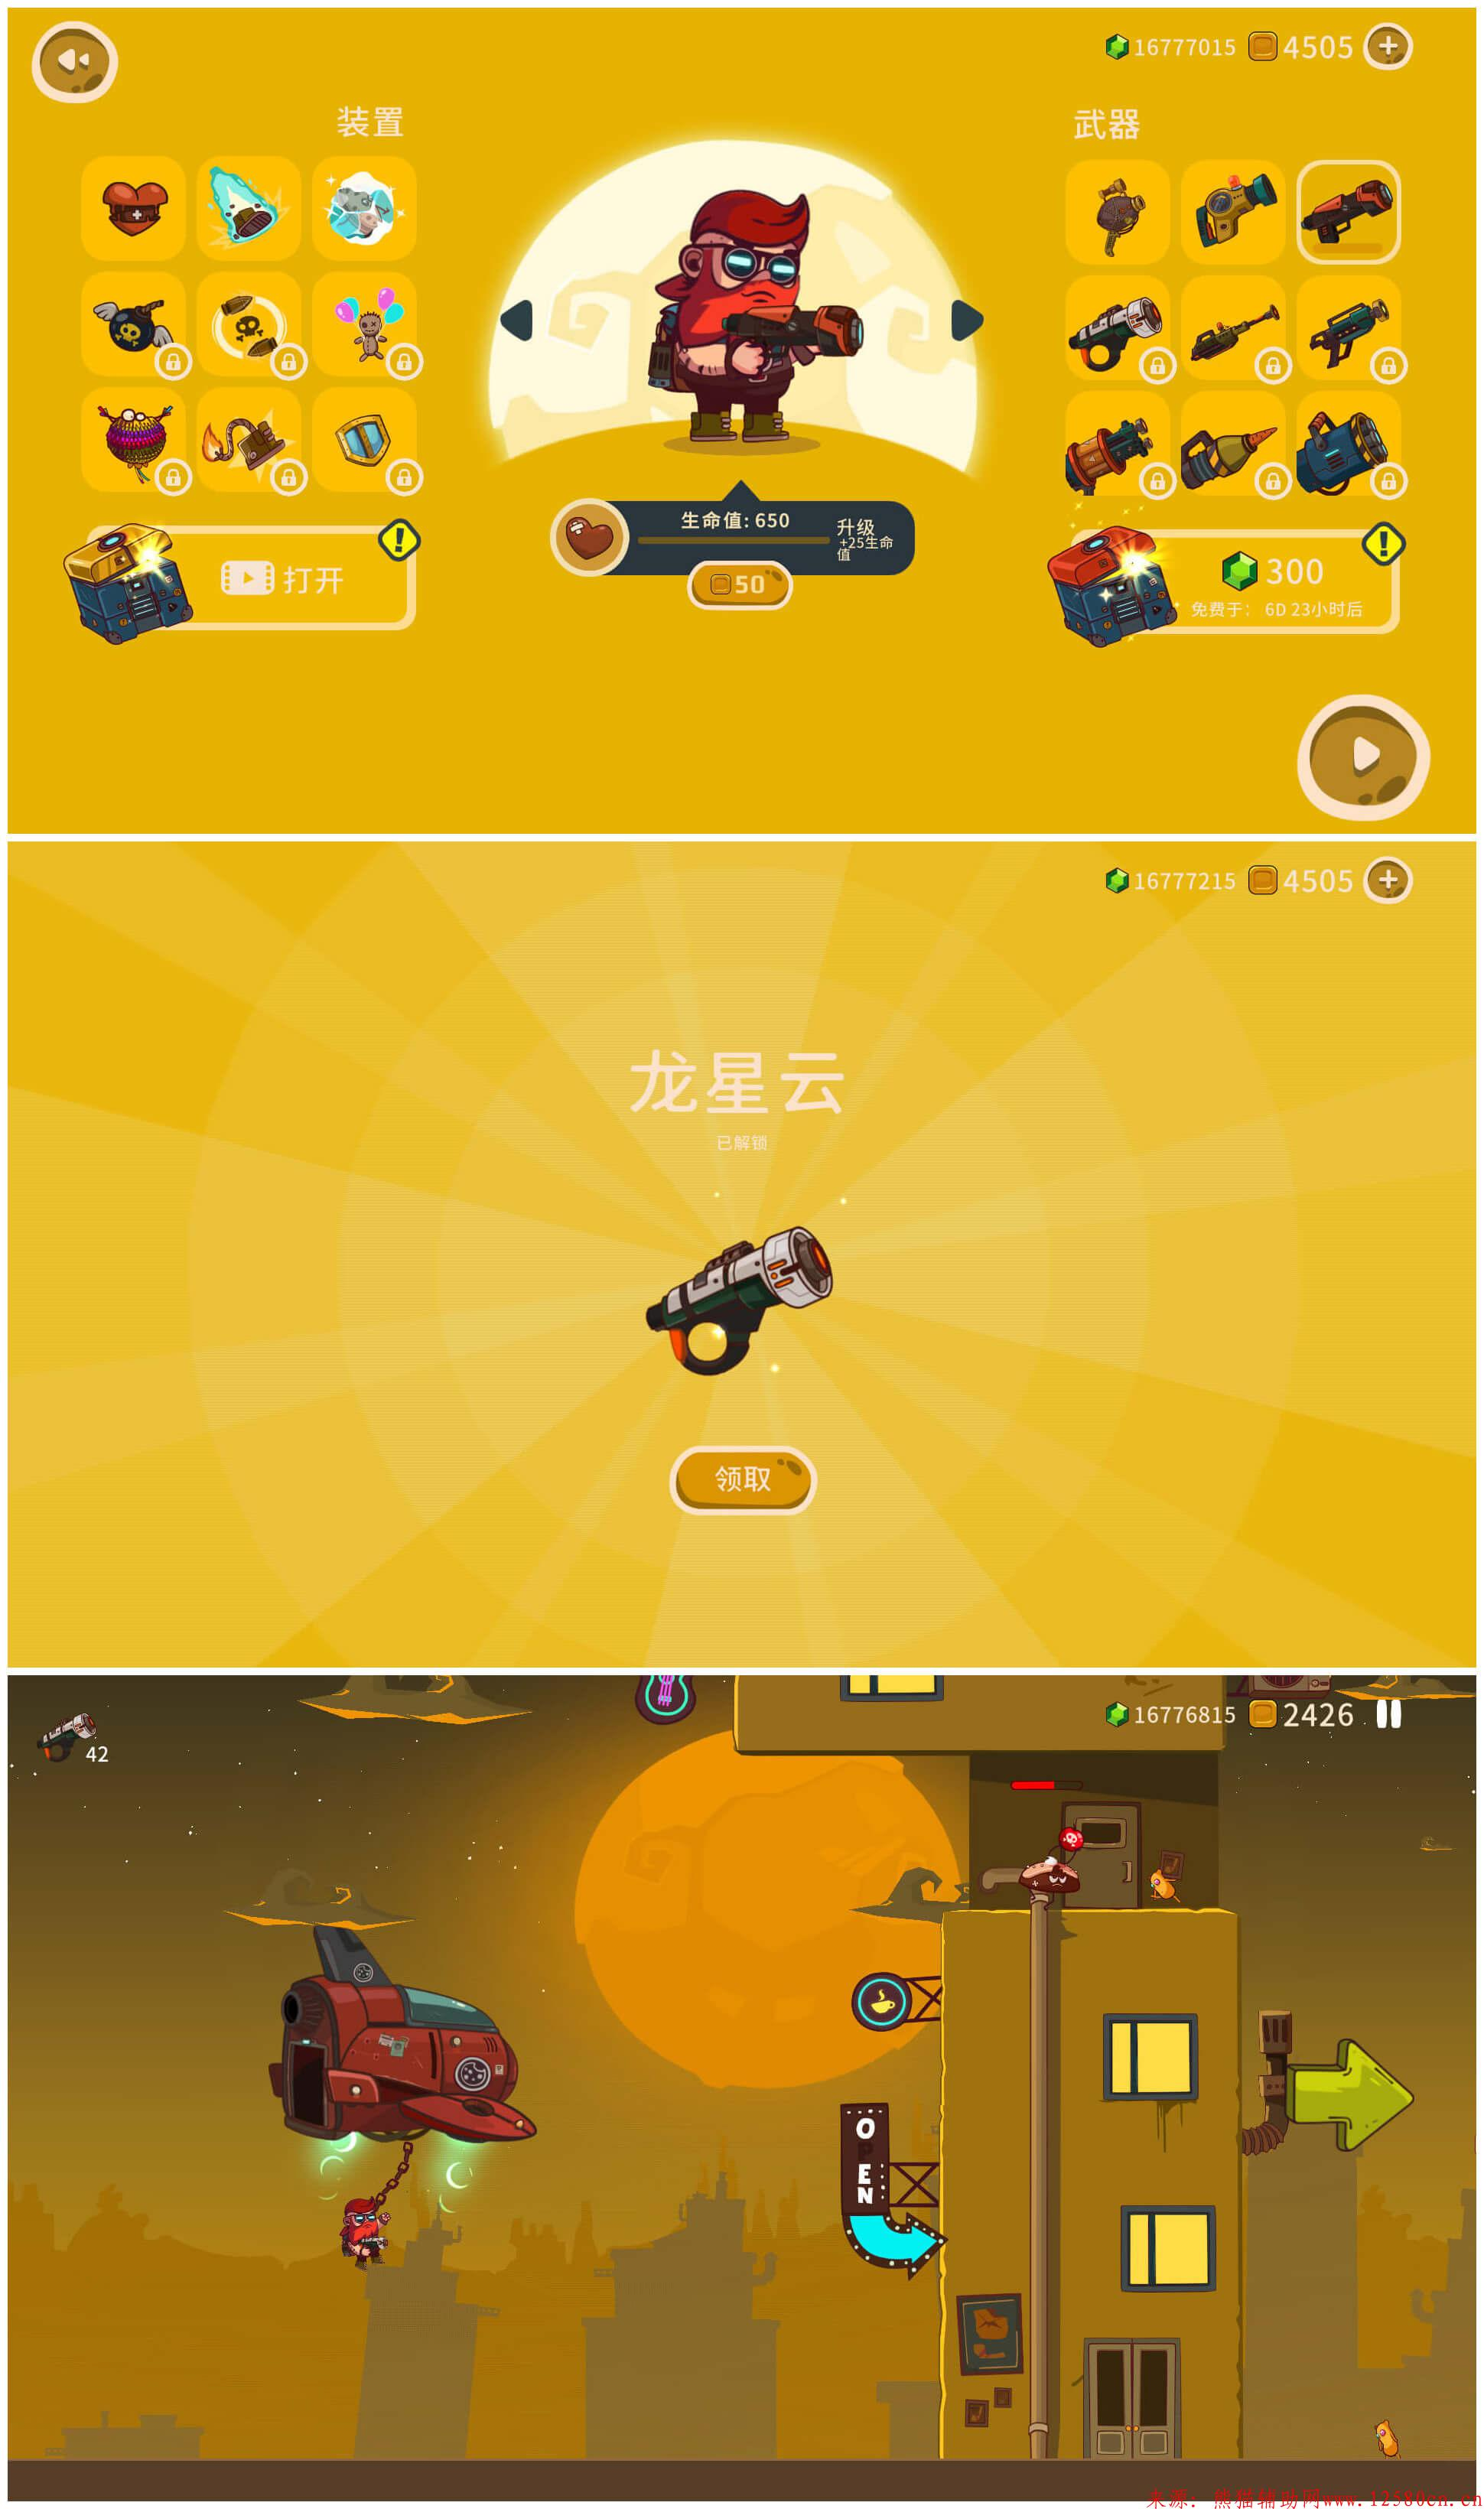 曲奇必死一款平台型快速射击游戏